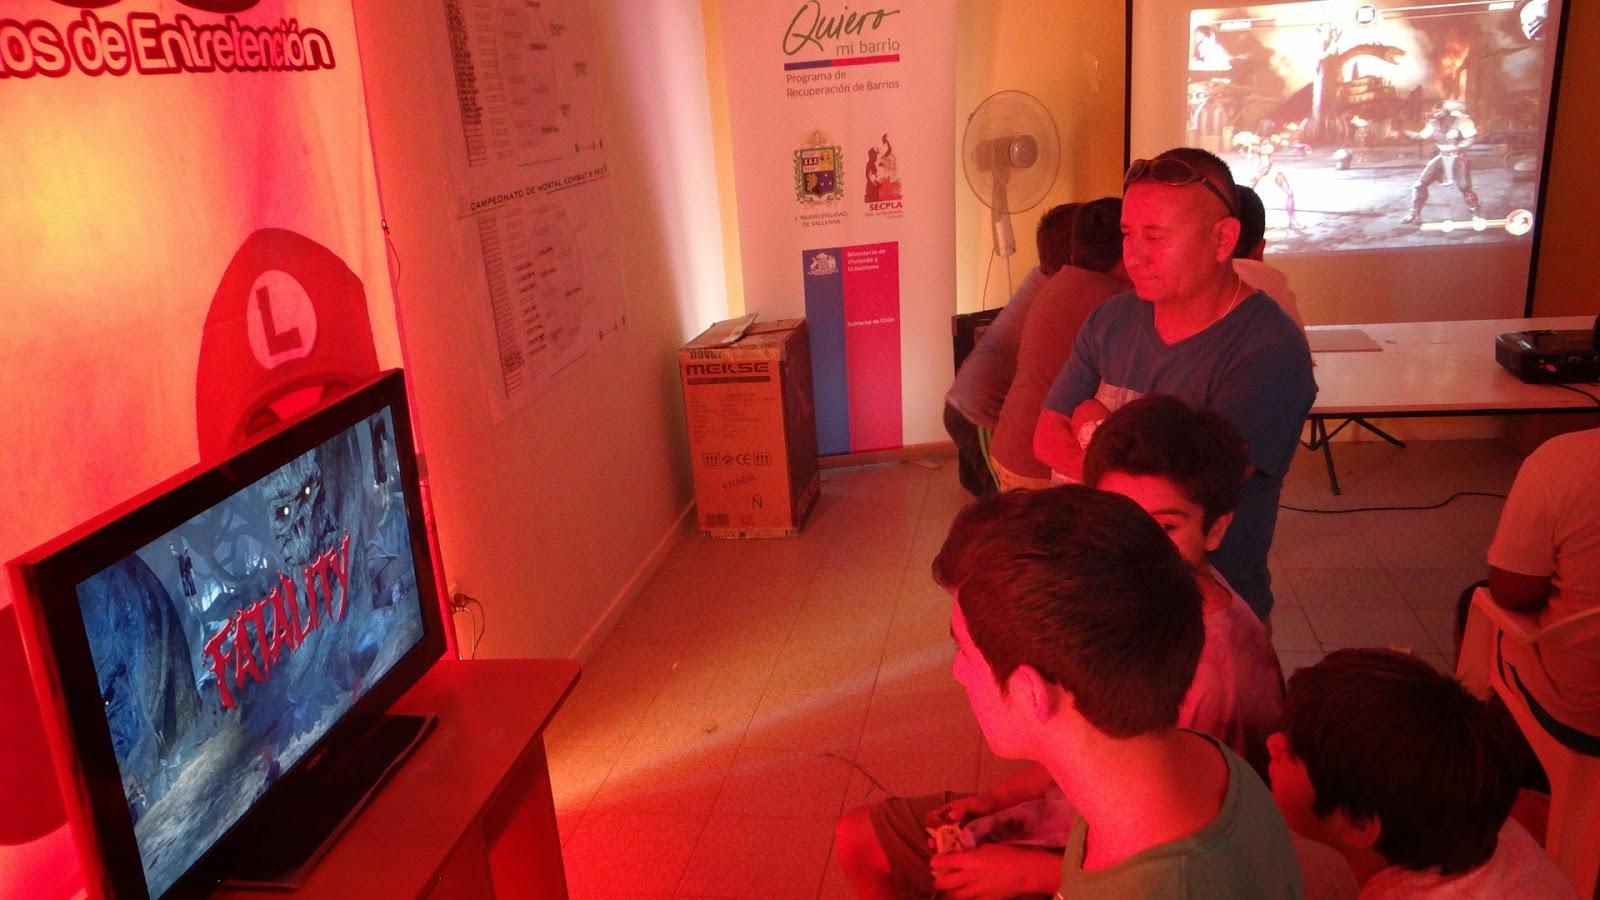 Gran participación tuvo torneo de play station en Vallenar